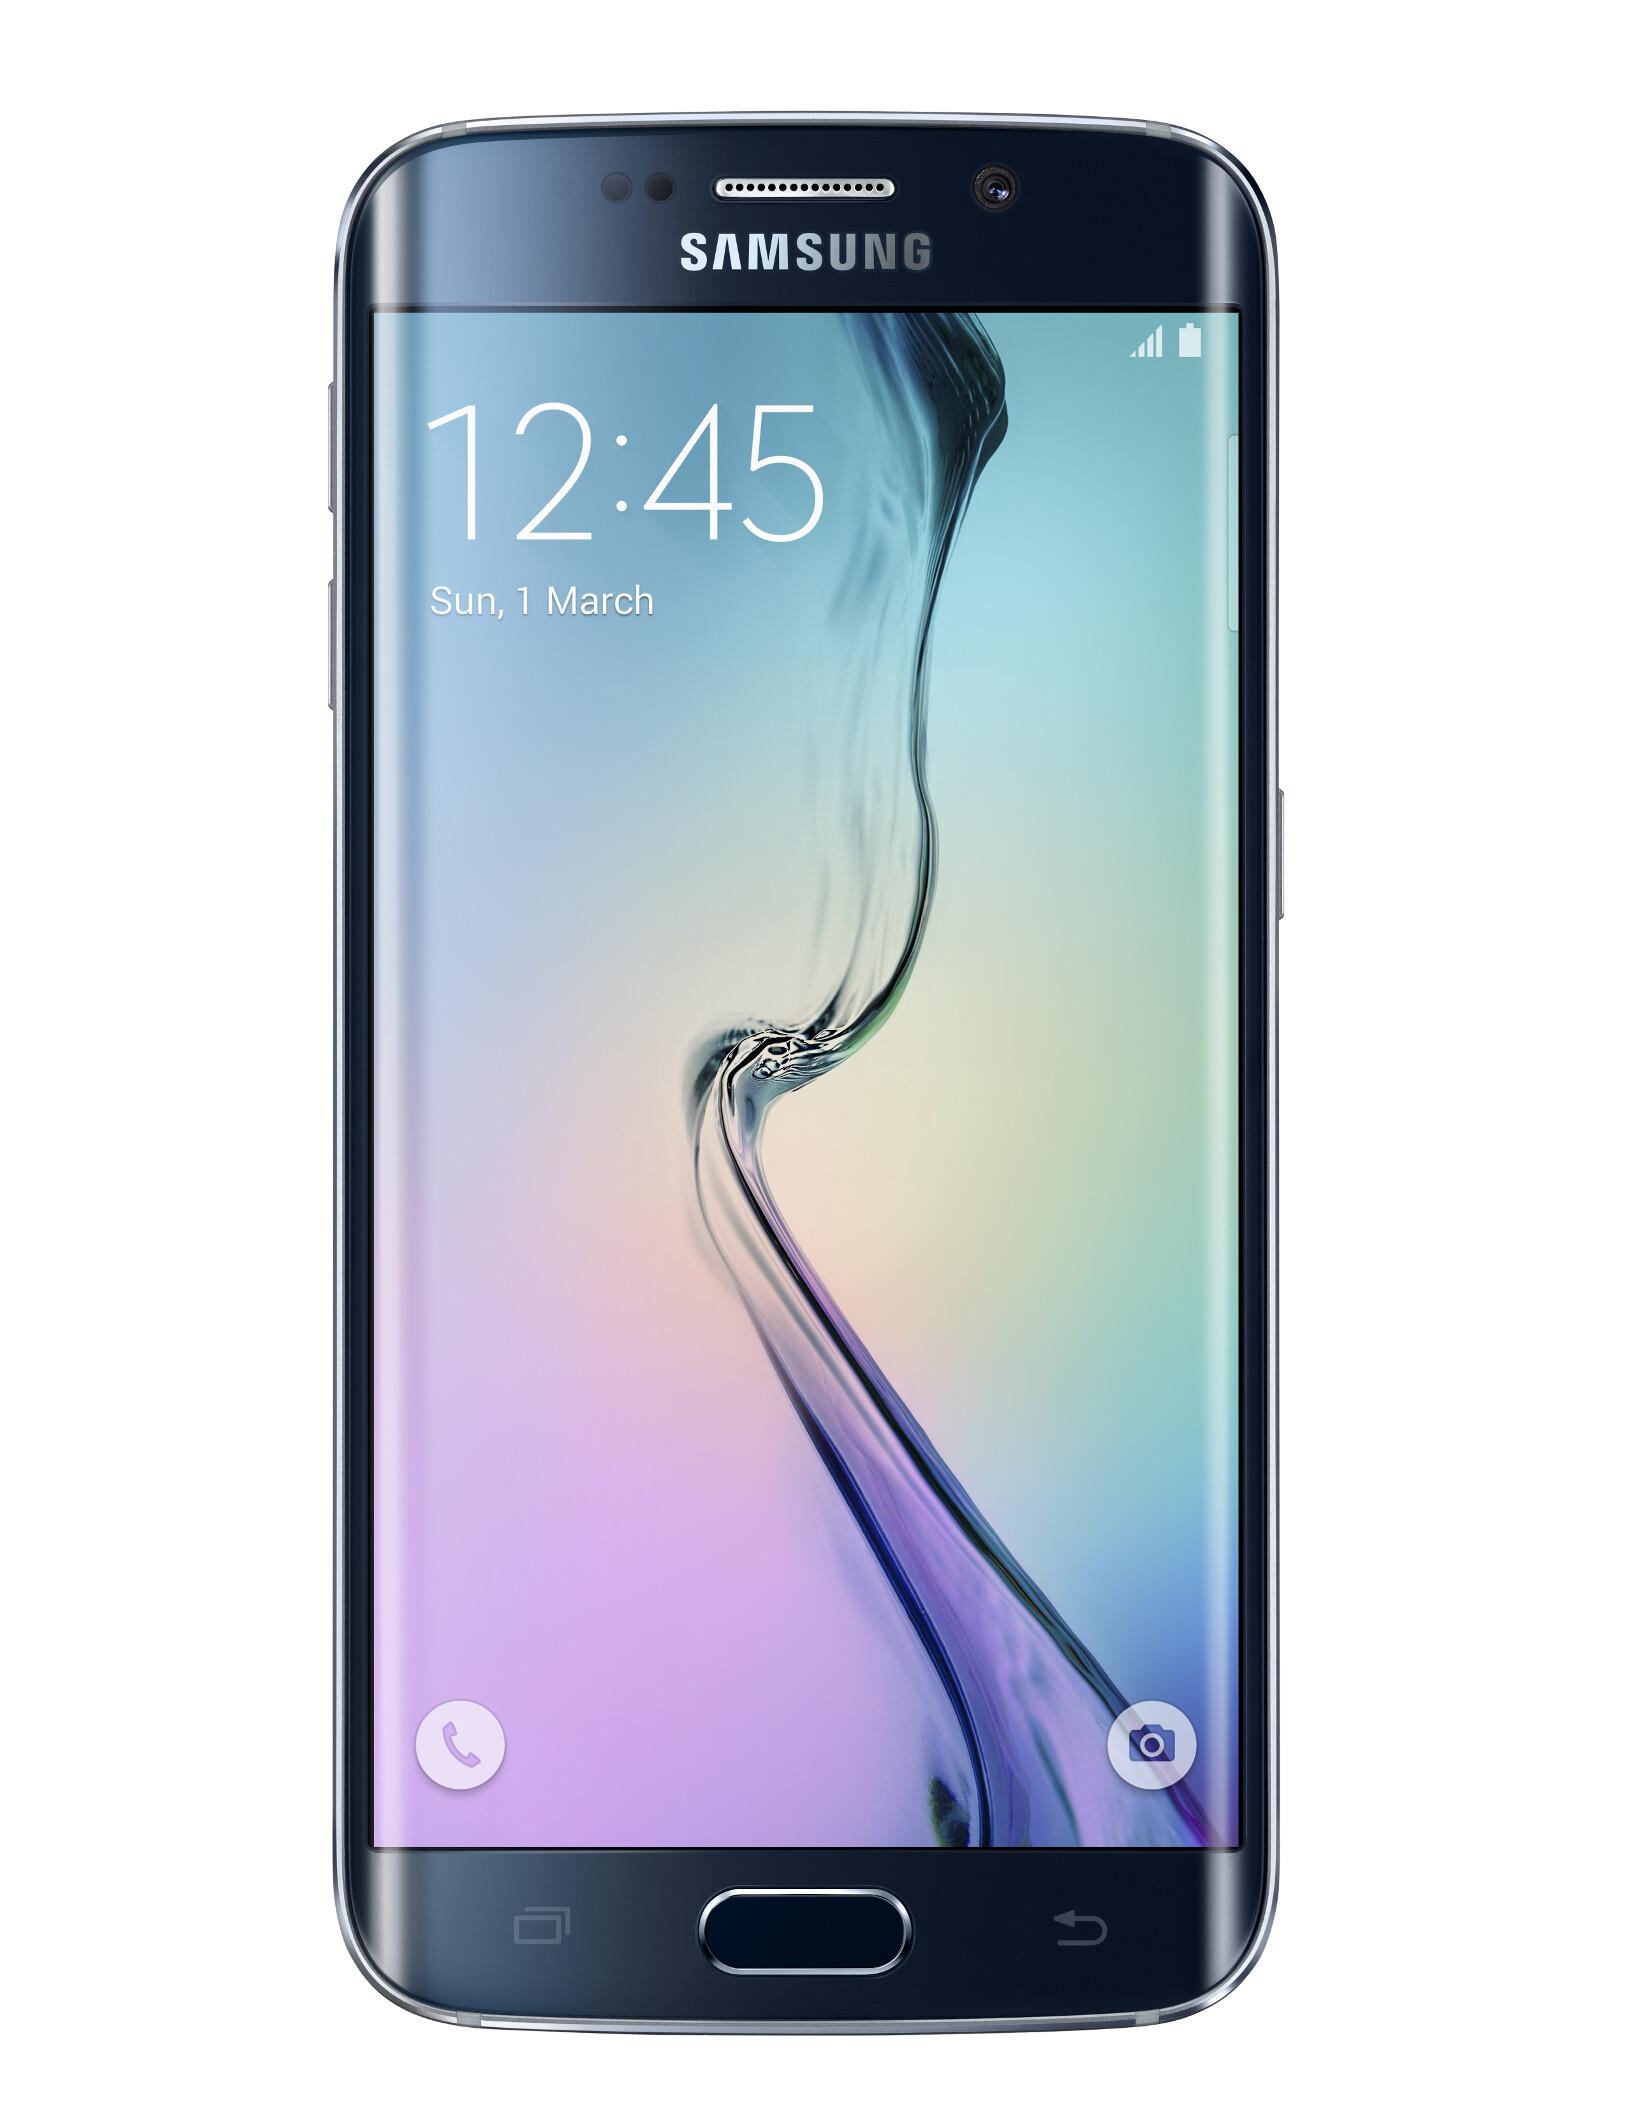 Samsung galaxy s6 - Samsung Galaxy S6 Edge